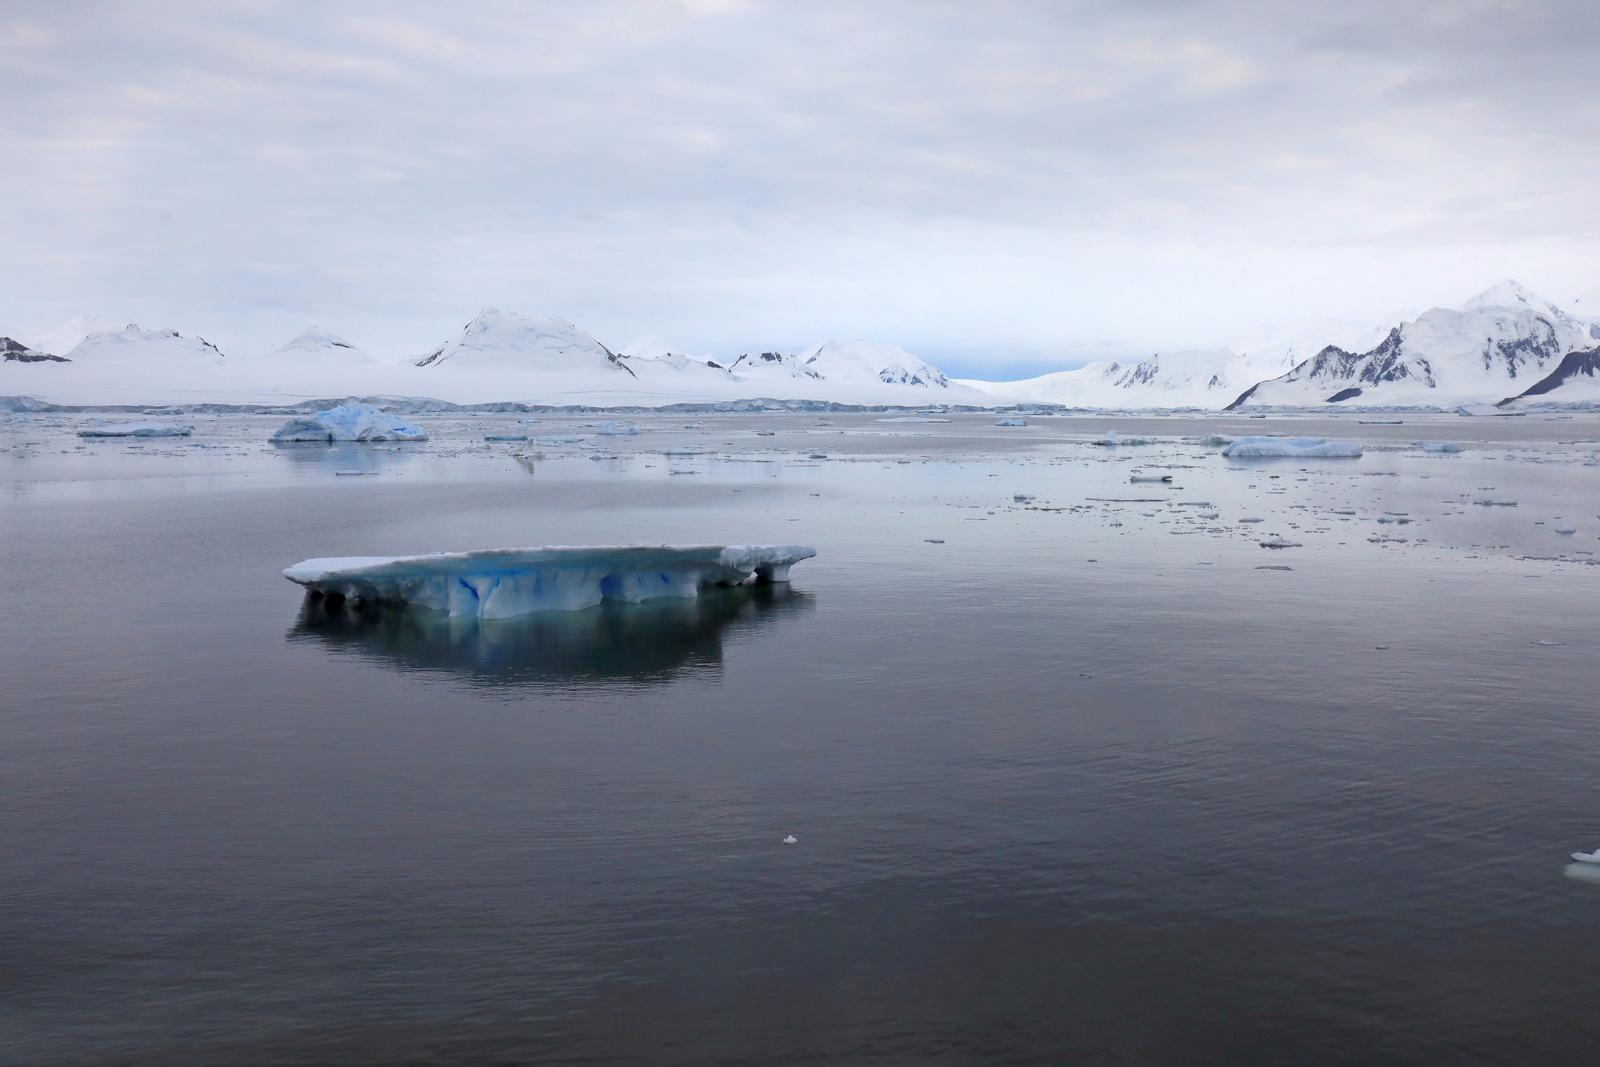 1702_Antarctique_03890_c_sm.jpg